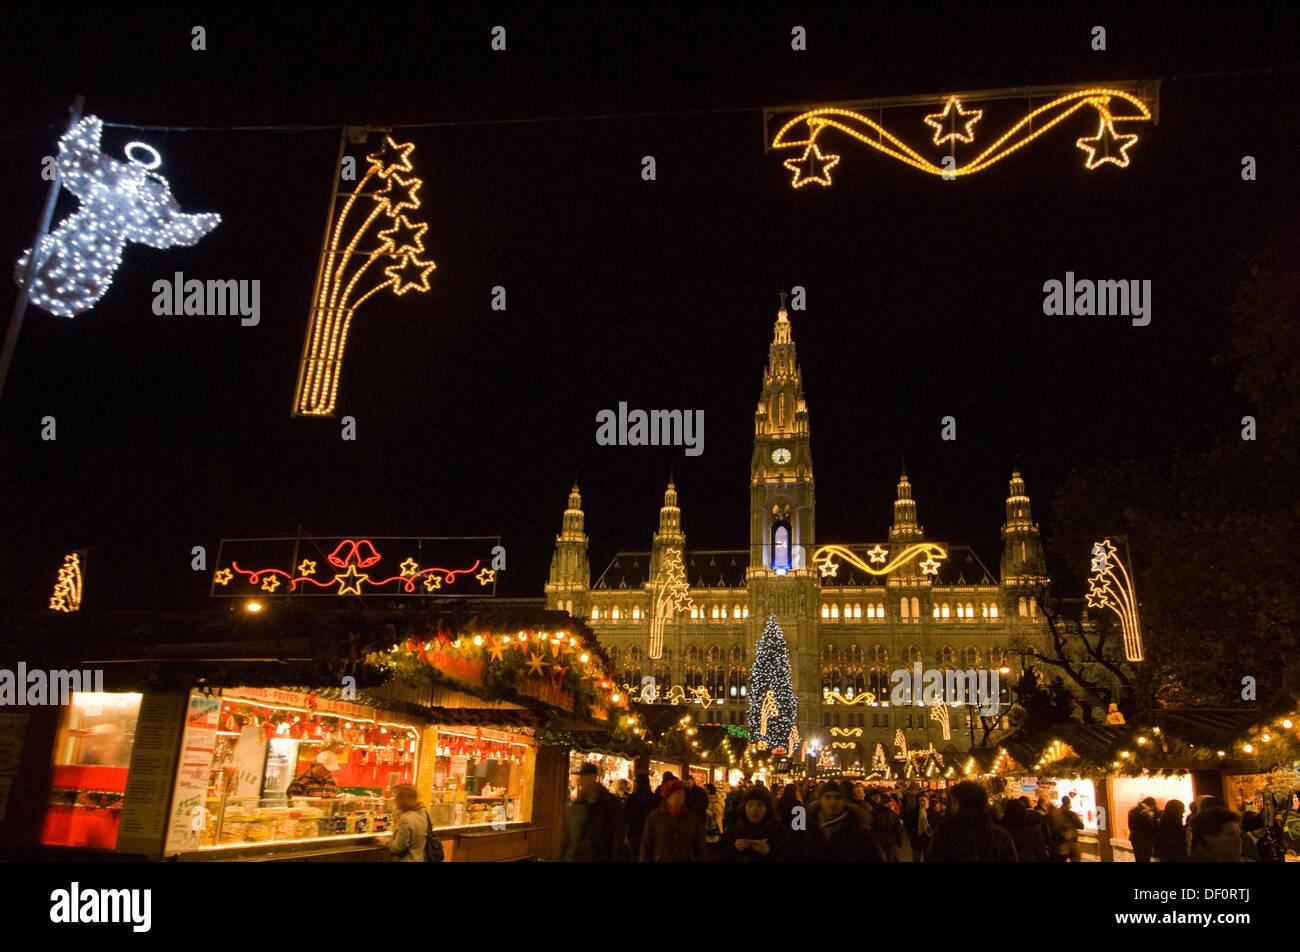 Österreich, Wien, Weihnachtsmarkt am Rathaus - Stock Image